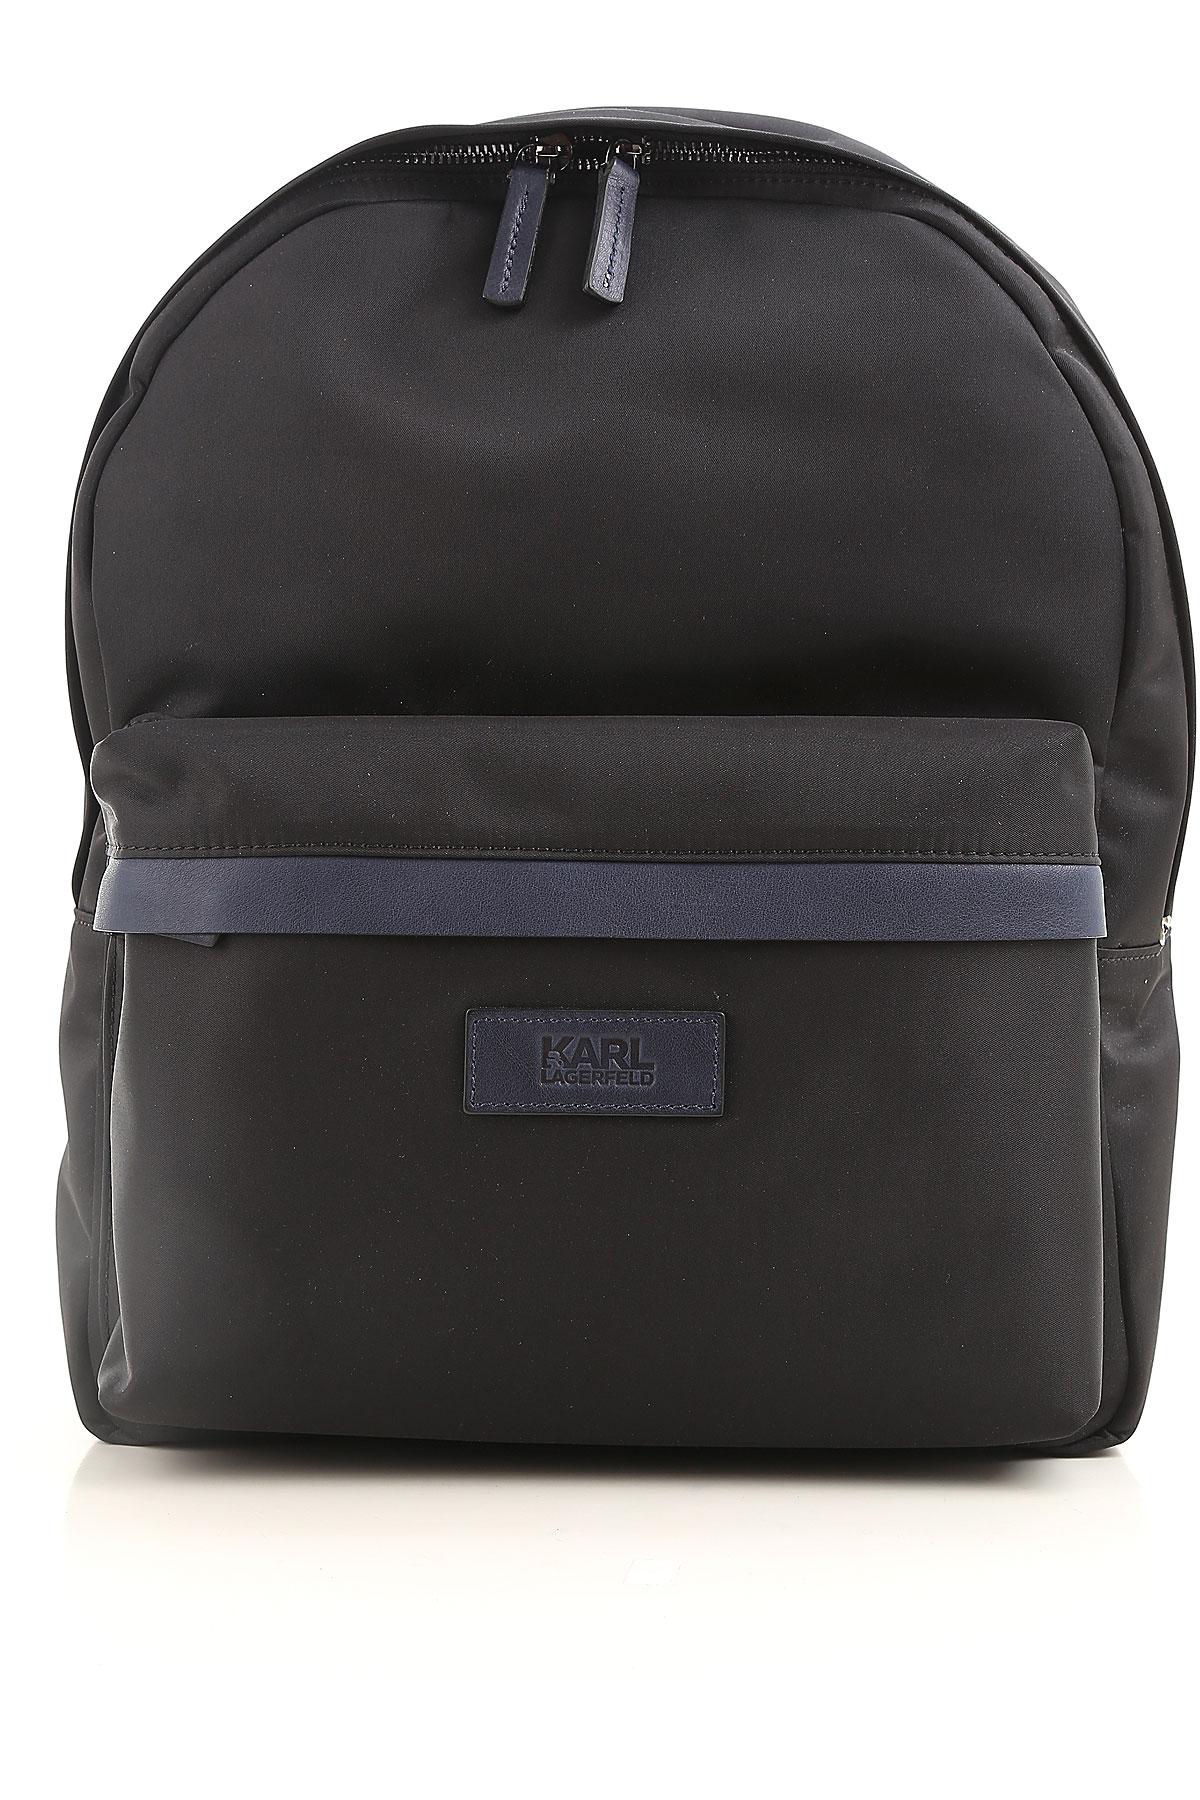 Image of Karl Lagerfeld Backpack for Men, Black, Nylon, 2017